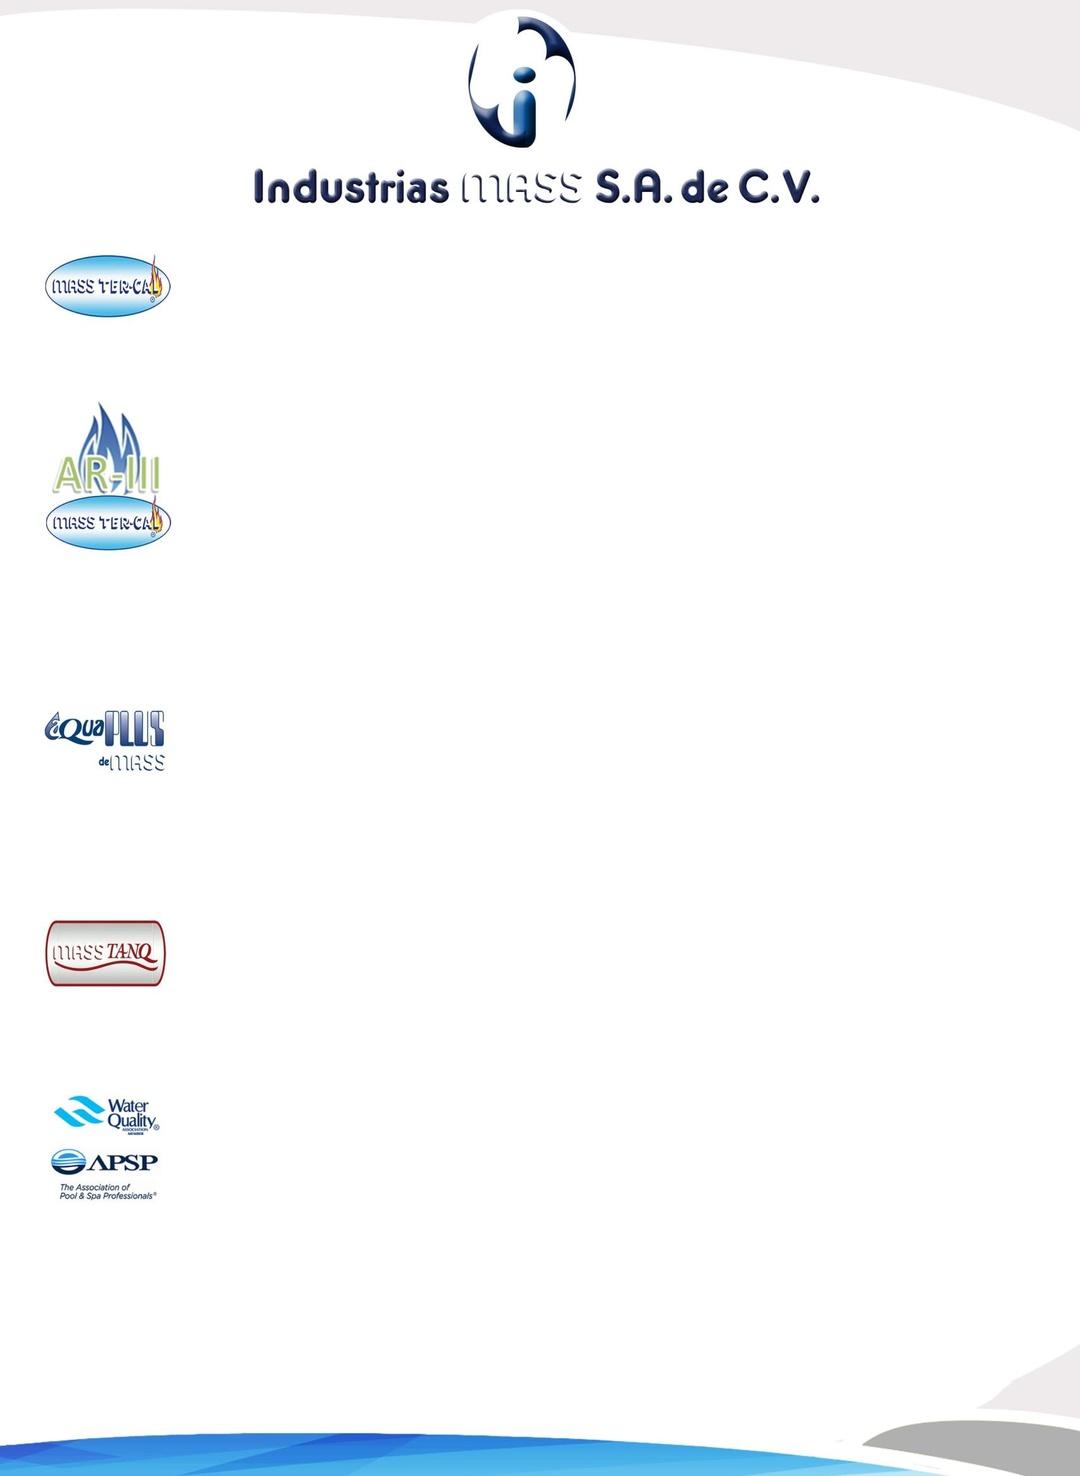 Page 16 of LP-TRA - Filtros, Suavizadores, Tratamiento Agua Limpia AQUAPLUS de MASS®  PÁGINA 16  http://distribuidorindmass.com/